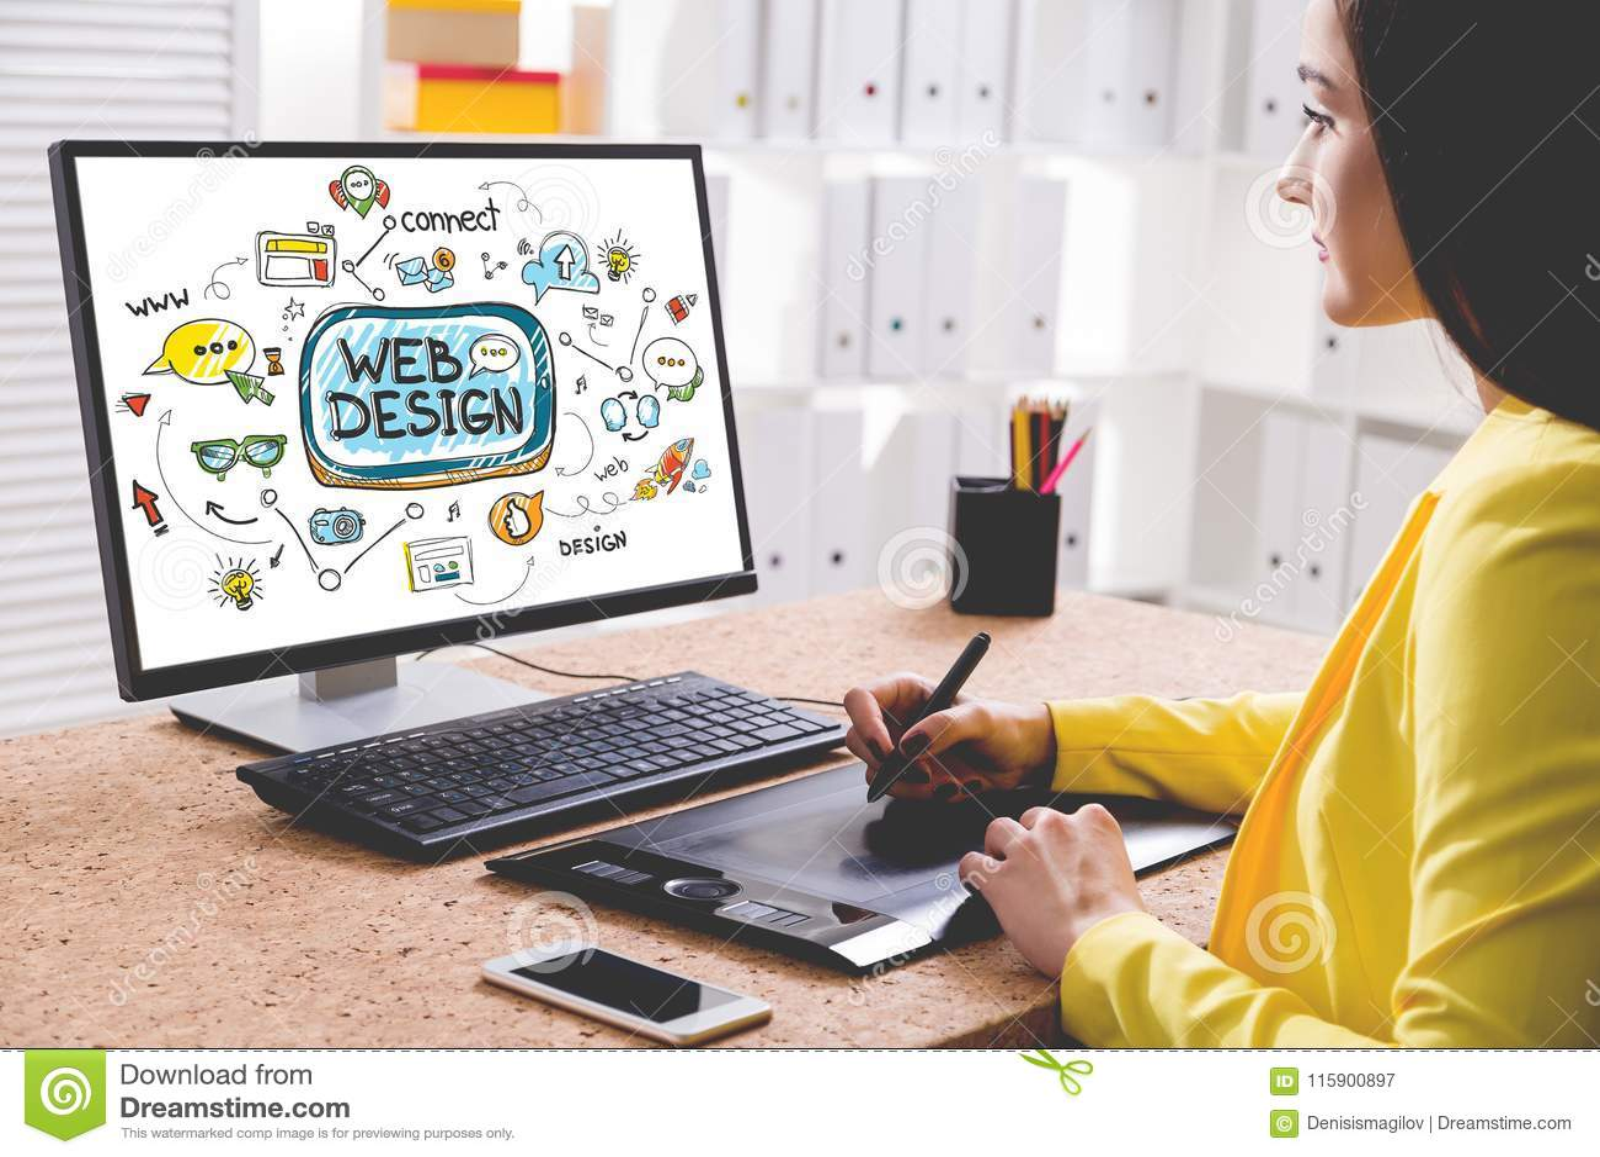 Concepteur de femme dessinant un croquis de web design